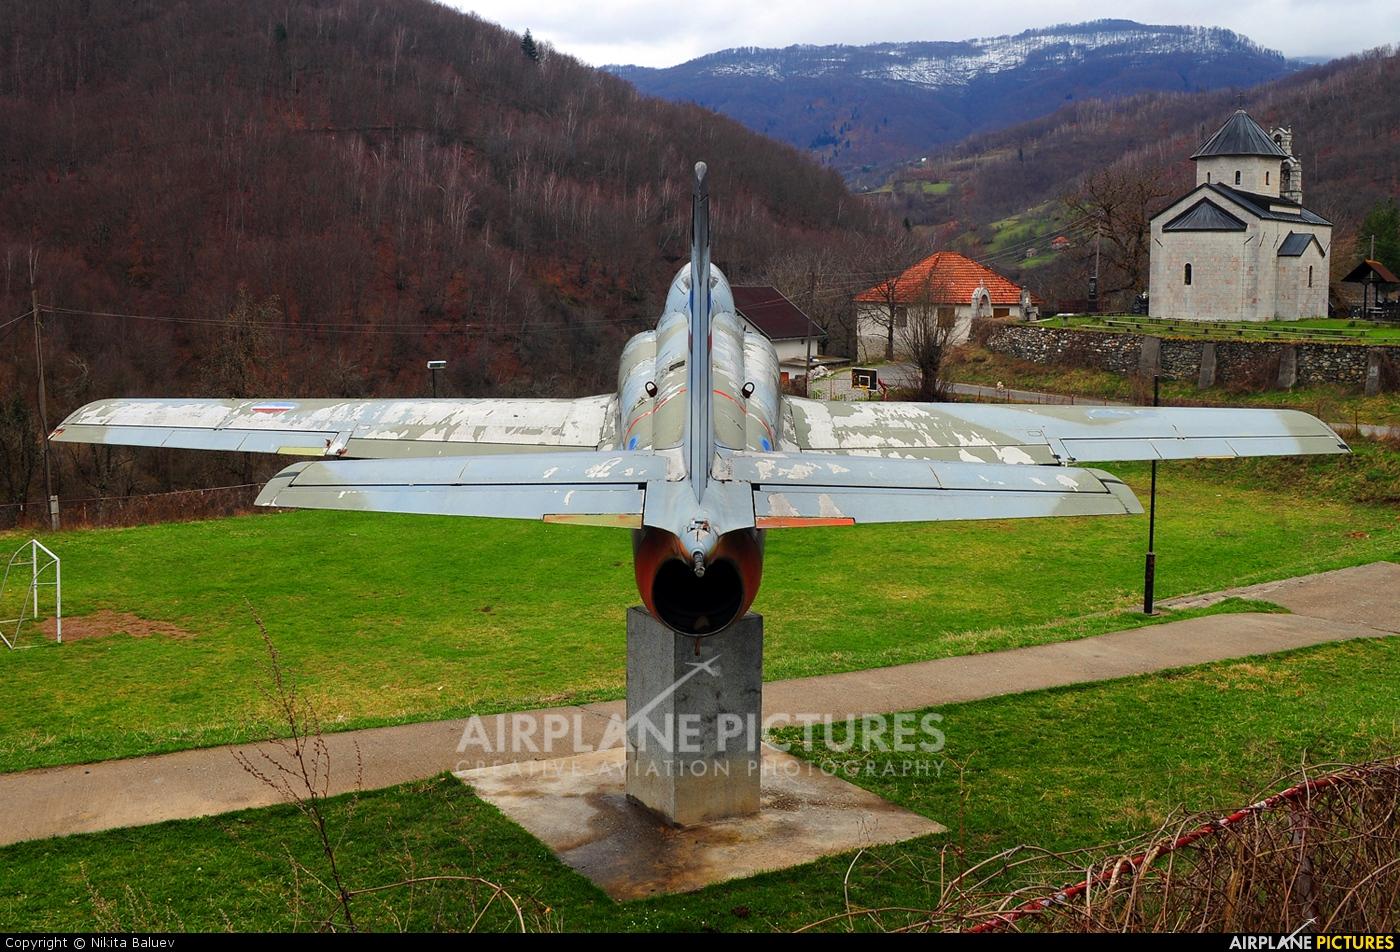 Yugoslavia - Air Force 24456 aircraft at Off Airport - Montenegro